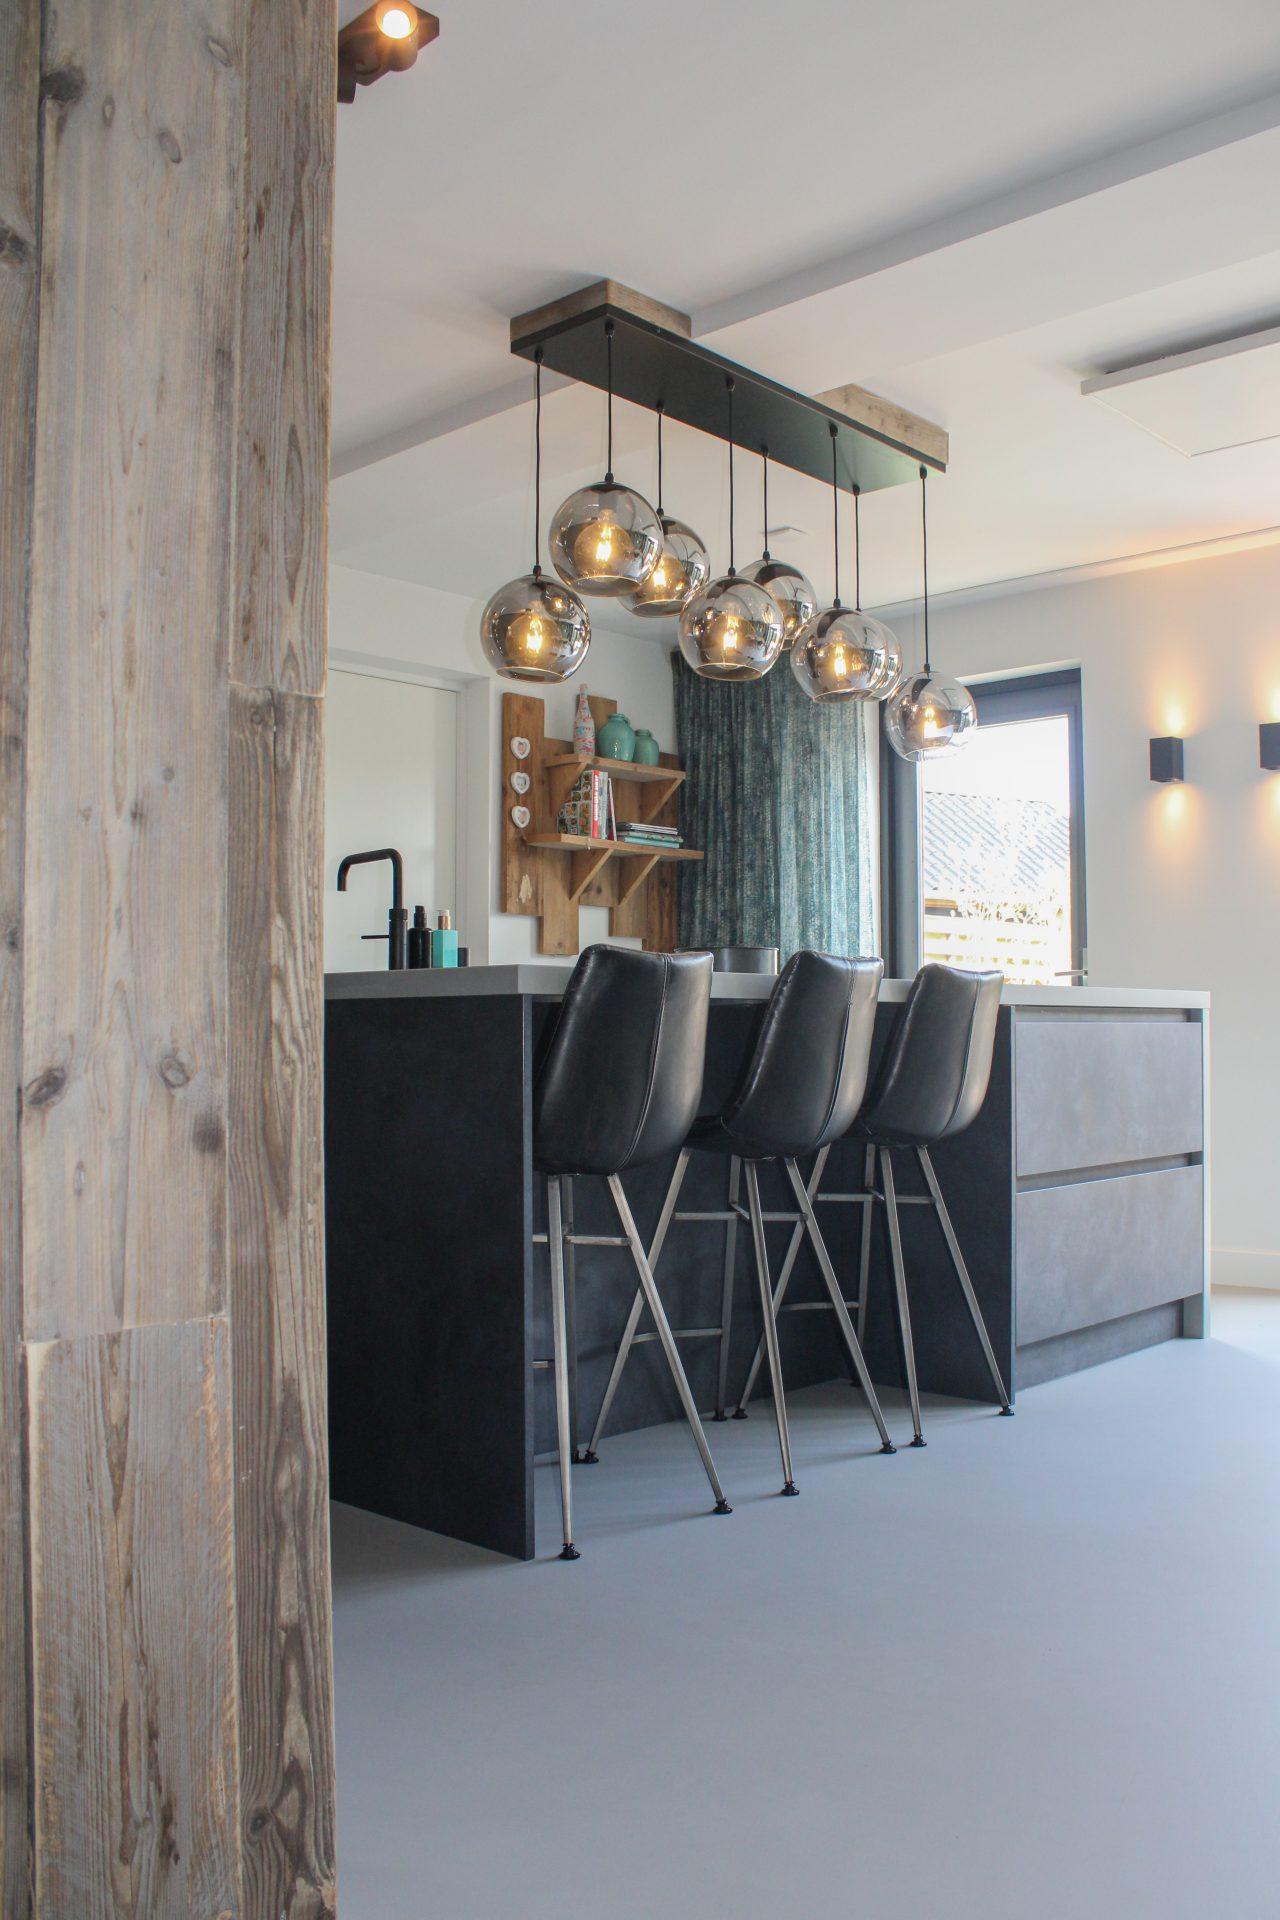 Betonlook keuken met stijgerhout